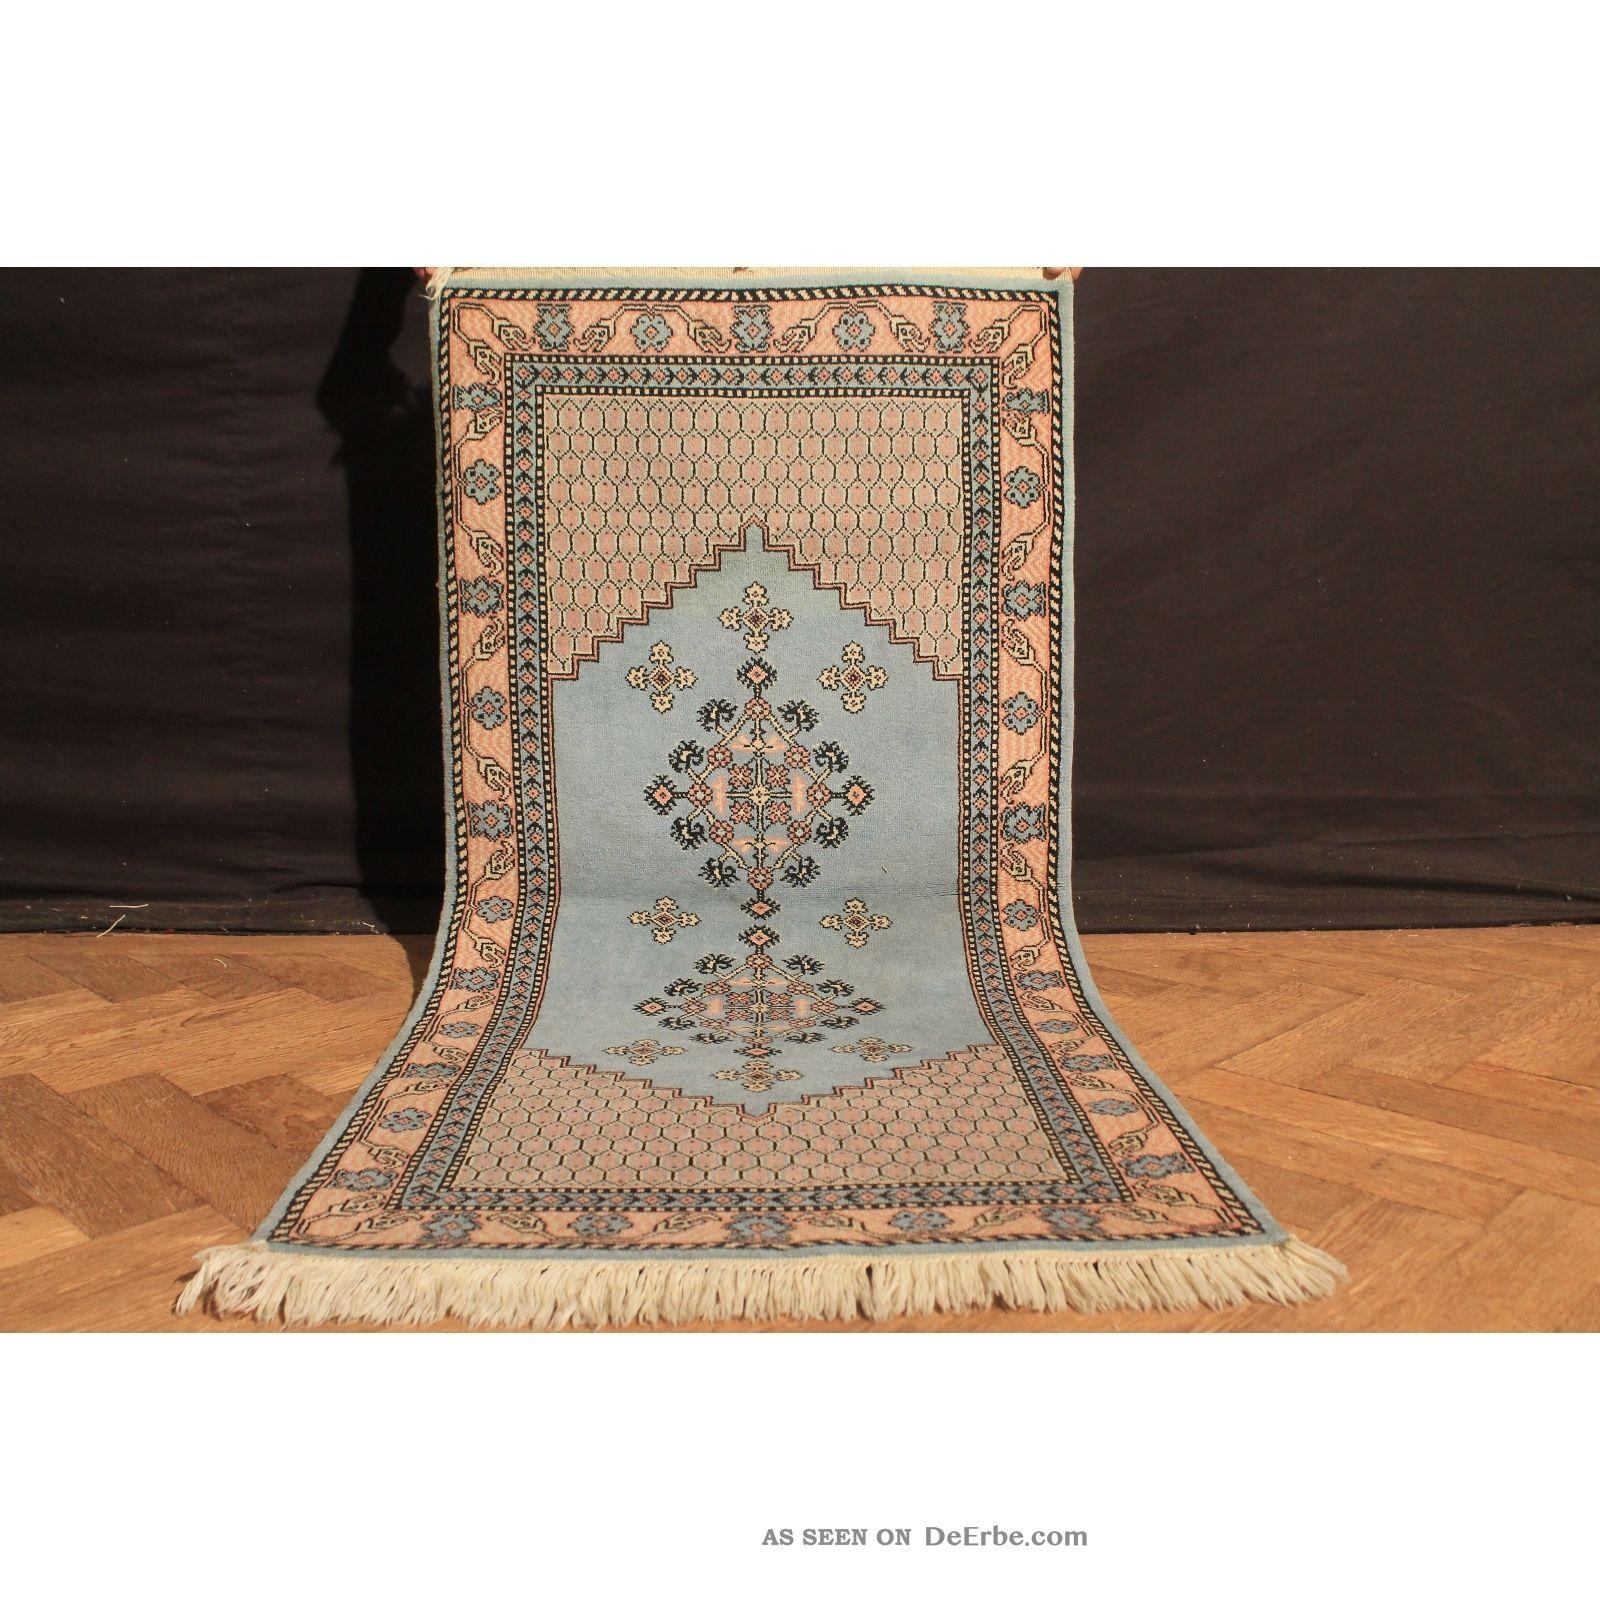 Wunderschön Handgeknüpfter Orient Teppich Atlas Berber Old Rug Carpet 145x70cm Teppiche & Flachgewebe Bild